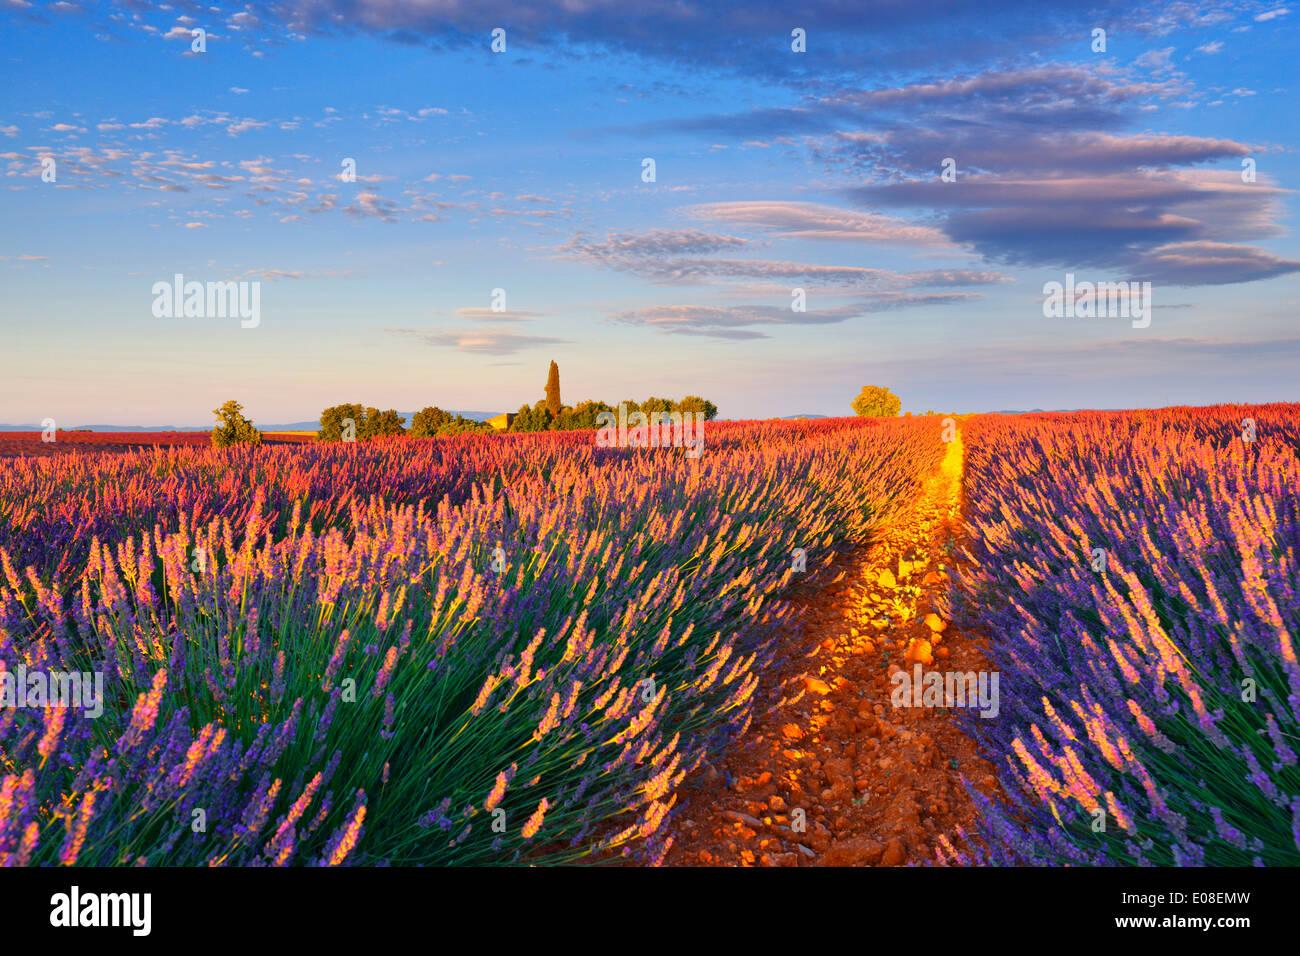 Lavendel-Feld in den Morgen. Valensole, Provence, Frankreich. Stockbild